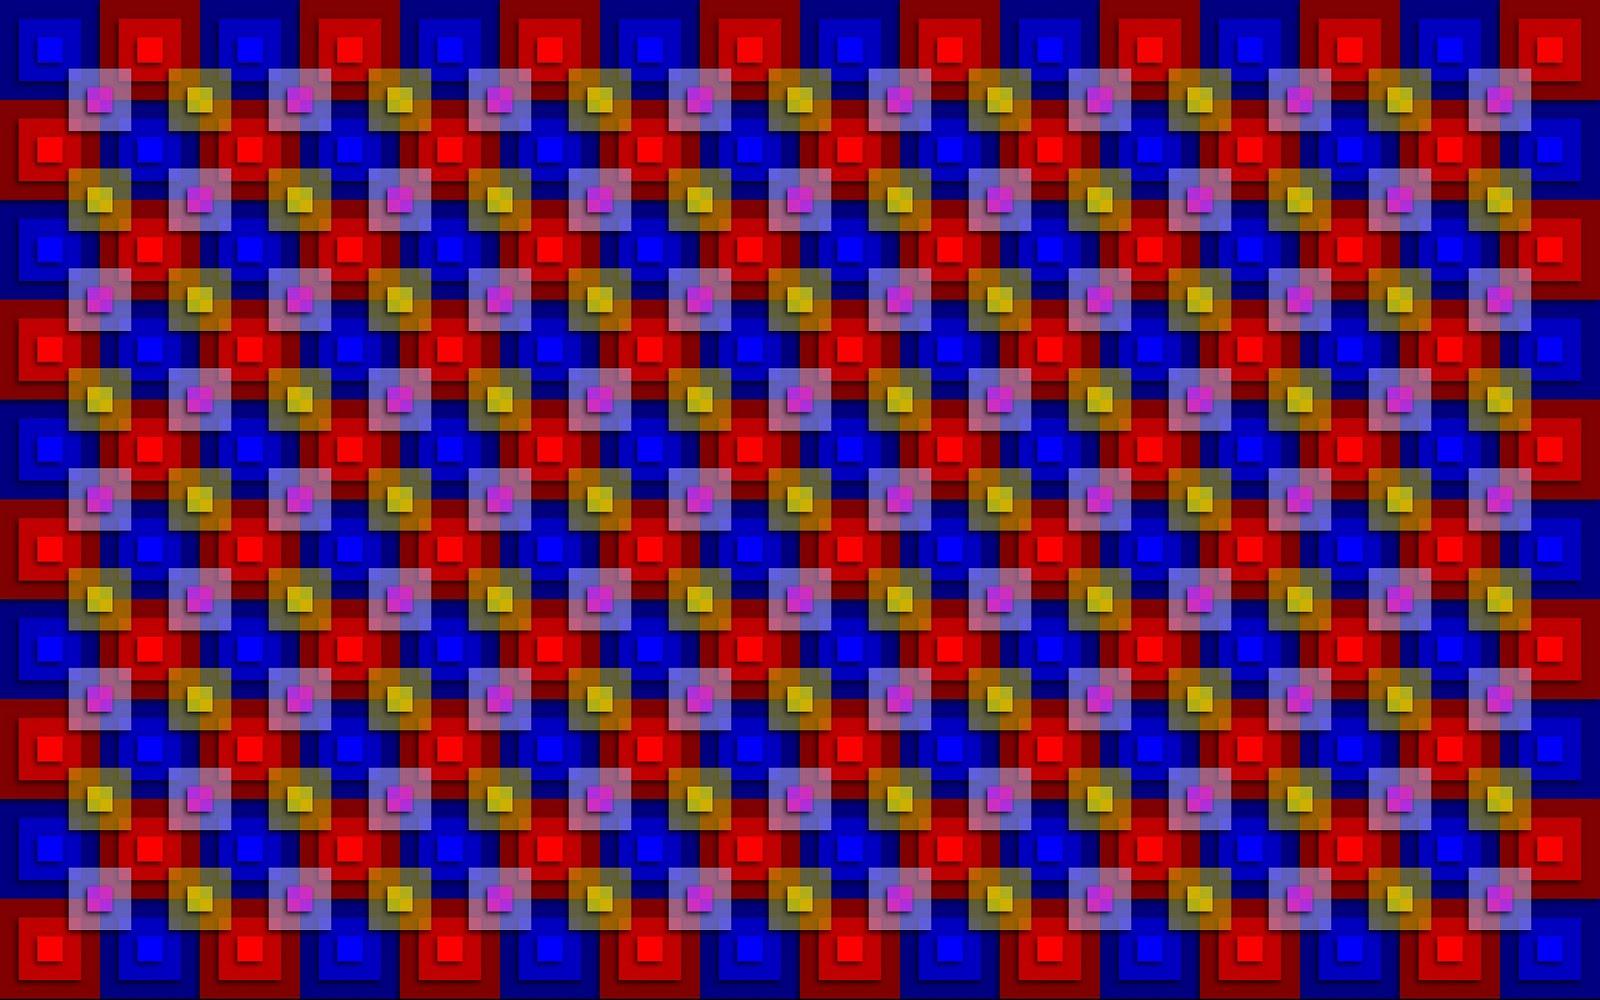 Patroon achtergronden hd wallpapers - Felle kleuren ...